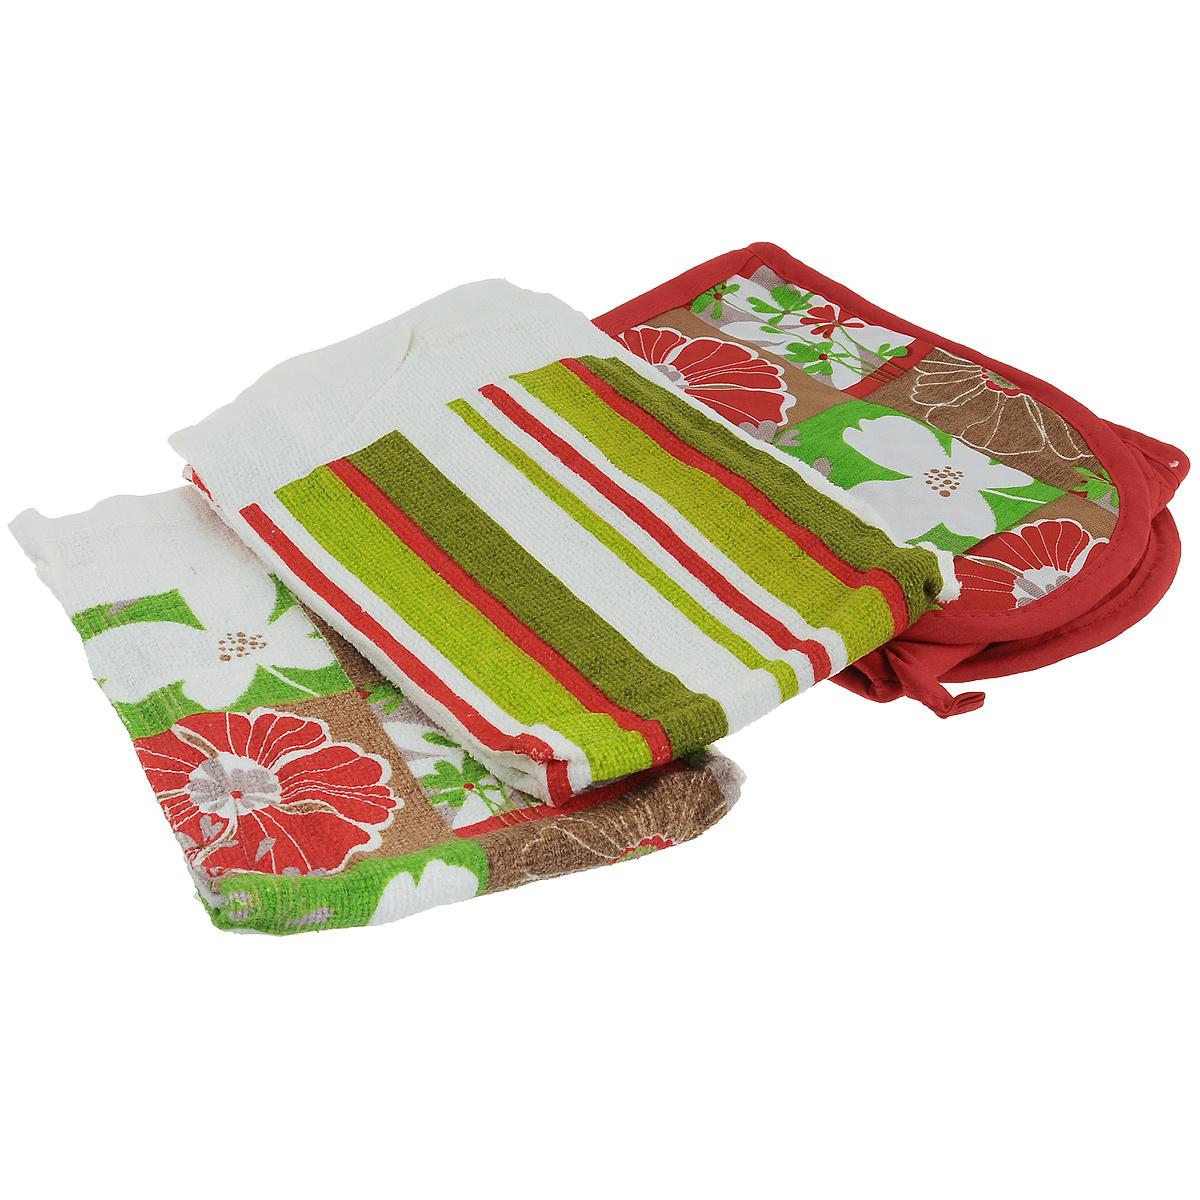 Набор для кухни Primavelle Цветы, 3 предмета391602Набор для кухни Primavelle Цветы состоит из двойной прихватки и двух полотенец. Предметы набора изготовлены из натурального хлопка и оформлены ярким цветочным изображением.Полотенца подарят вам мягкость и необыкновенный комфорт в использовании. Они идеально впитывают влагу и сохраняют свою необычайную мягкость даже после многих стирок.Стеганая двойная прихватка снабжена кармашками для рук и петелькой для удобного подвешивания на крючок. Такой комплект украсит ваш интерьер или станет прекрасным подарком. Размер полотенец: 63 см х 38 см.Размер прихватки: 78,5 см х 16,3 см.